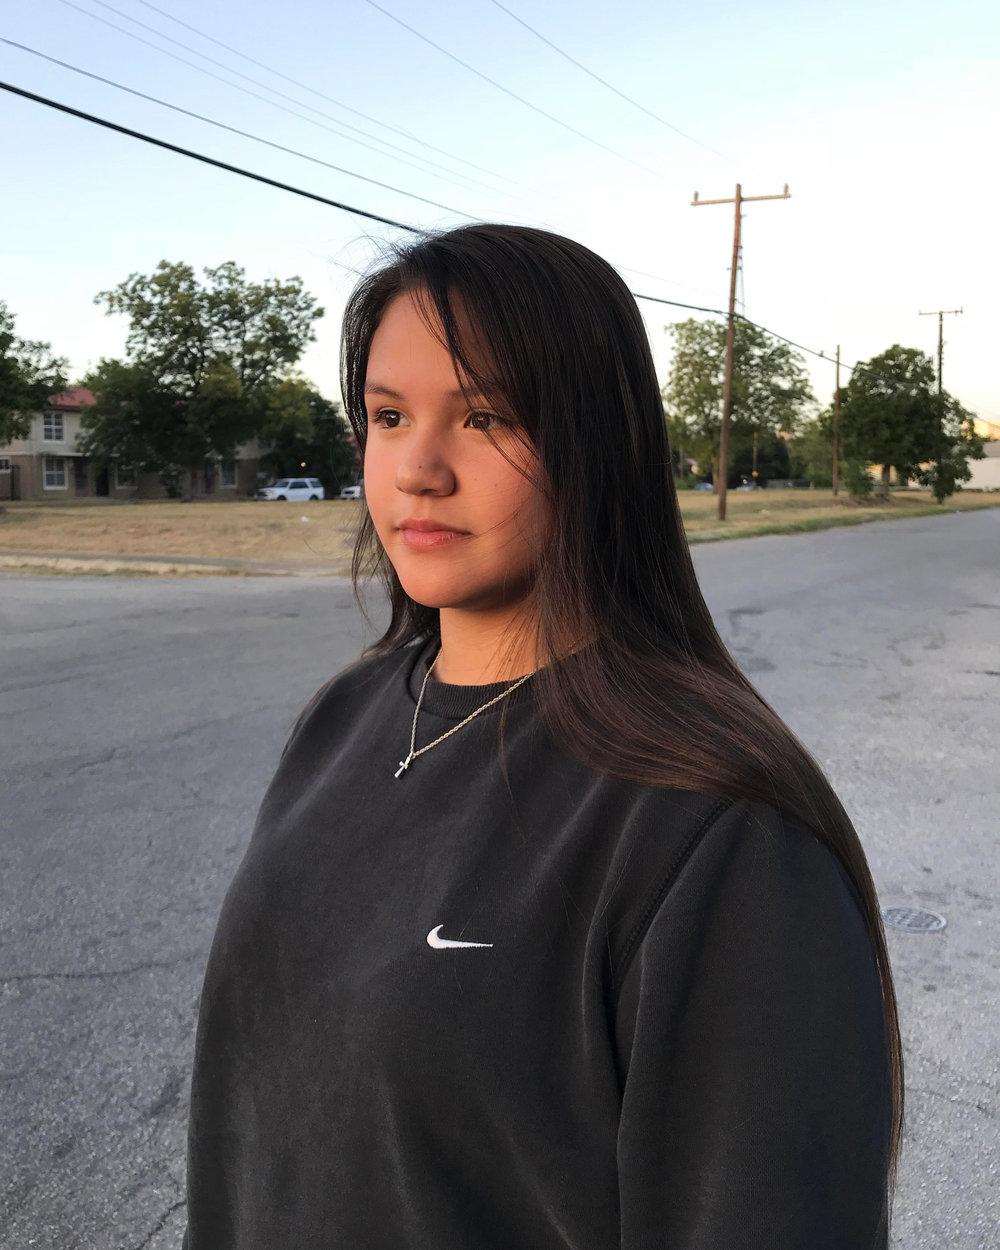 Sophie, San Antonio, Texas 2018. (iphone 7)